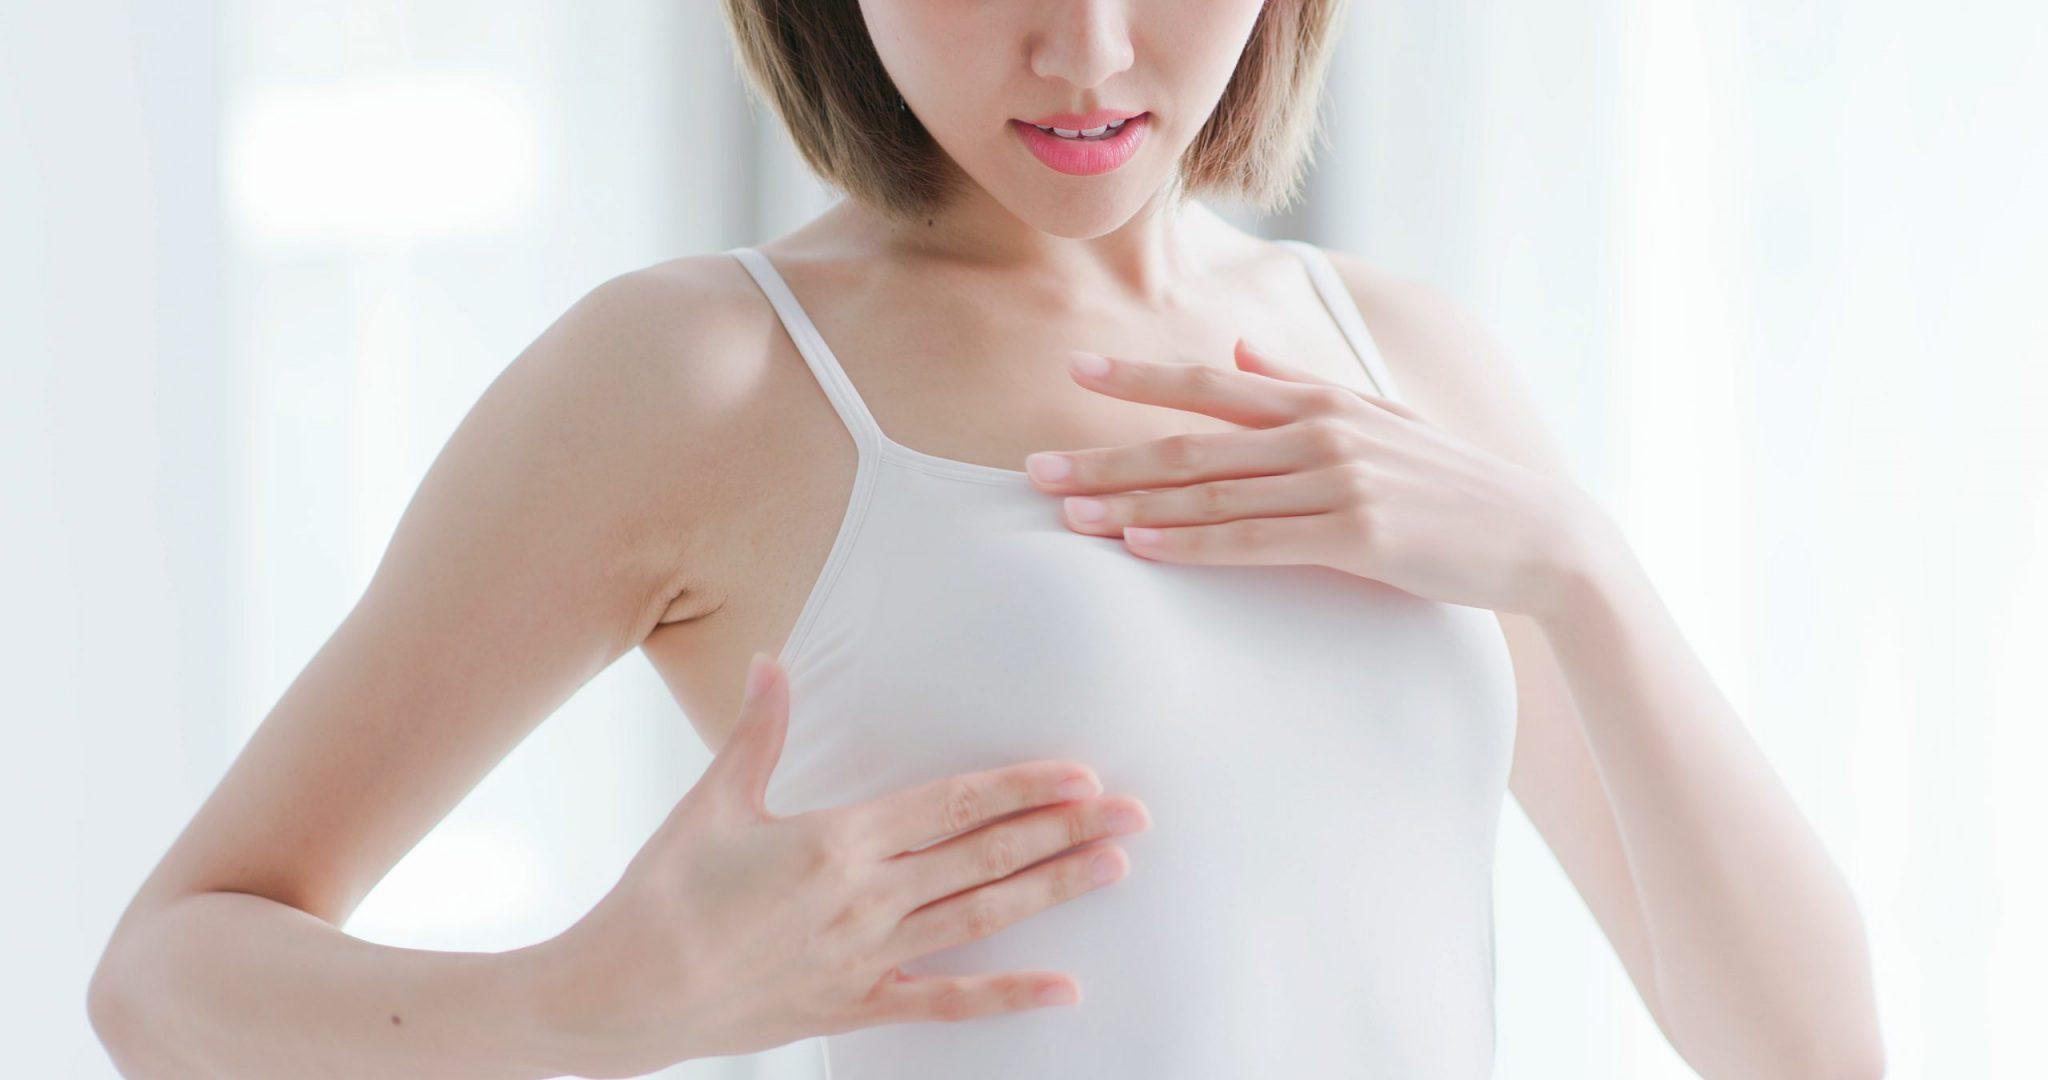 美胸秘笈! 10種日常美胸方法+最有效的天然美胸方法